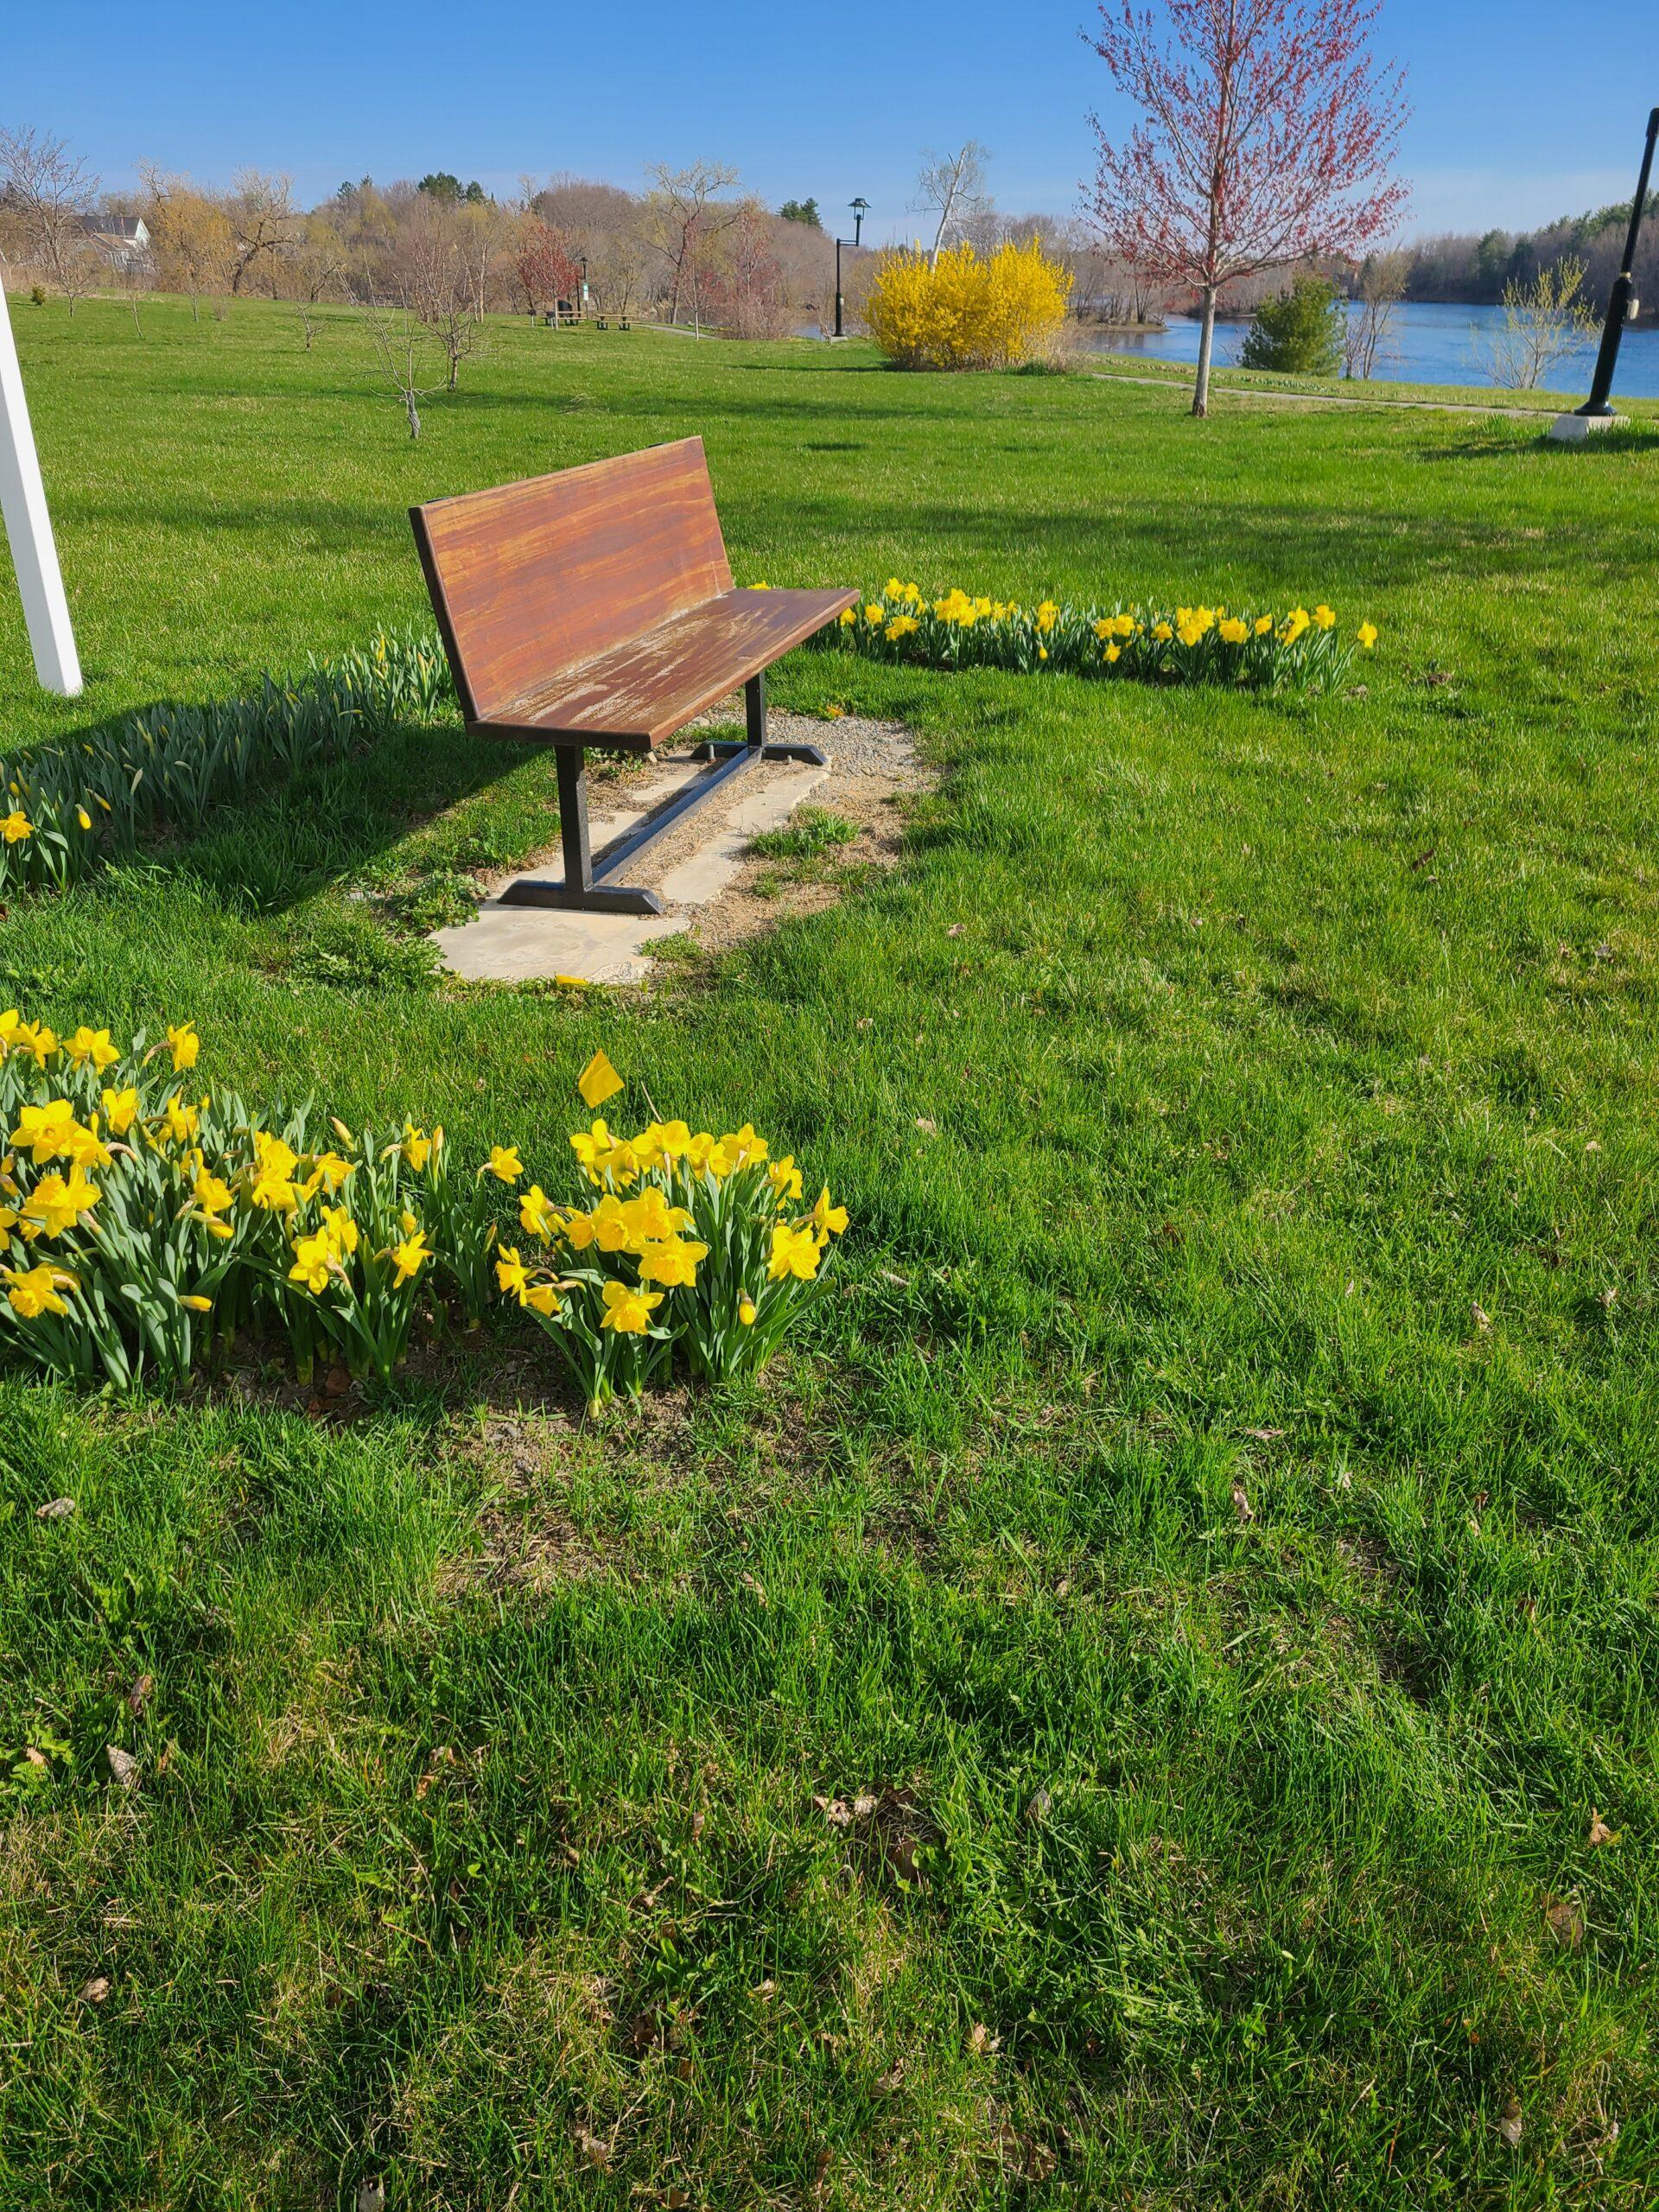 Chidren's Memorial Bench